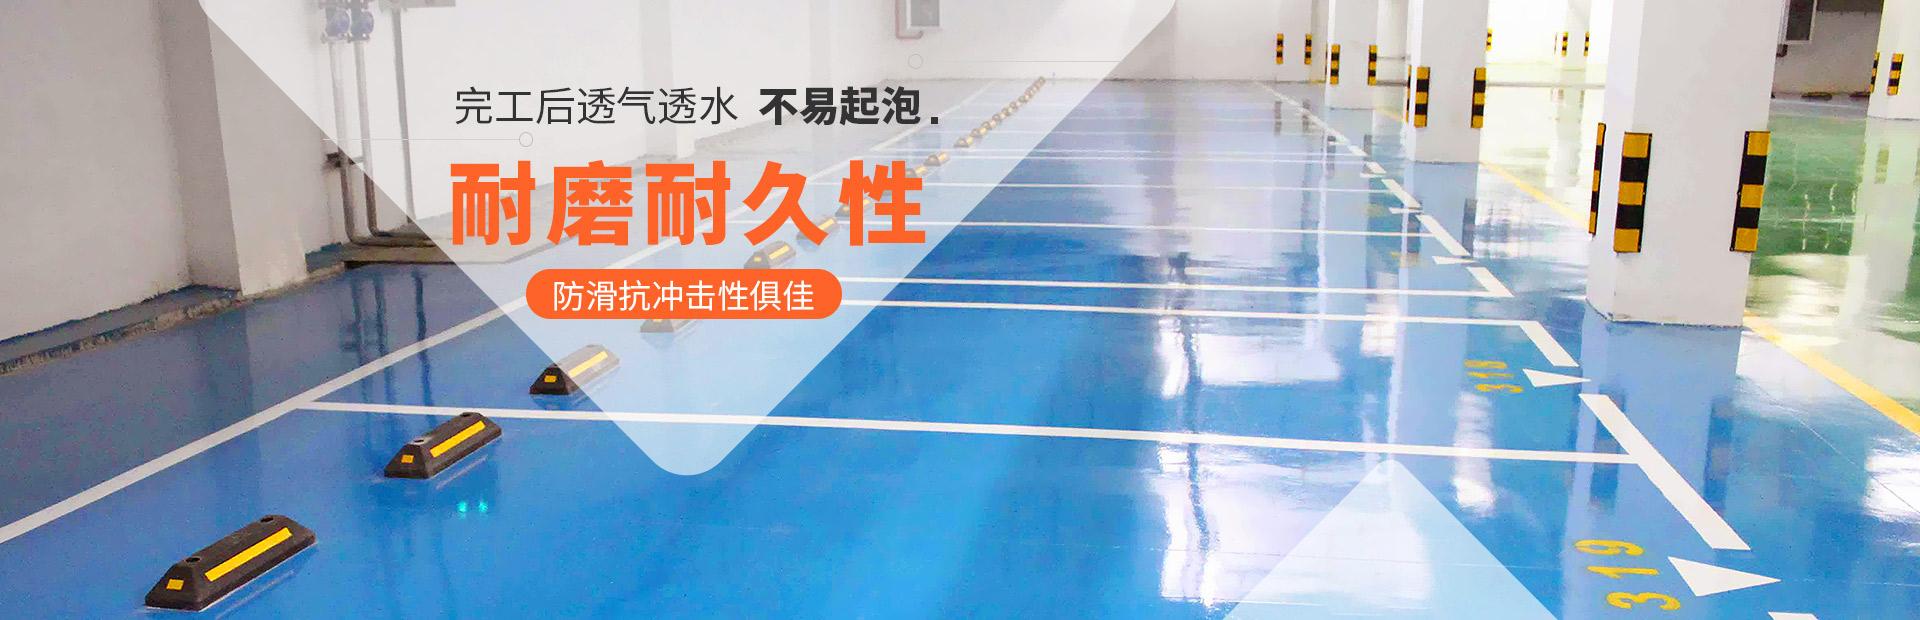 宜邦丽水性地坪材料完工后透气透水